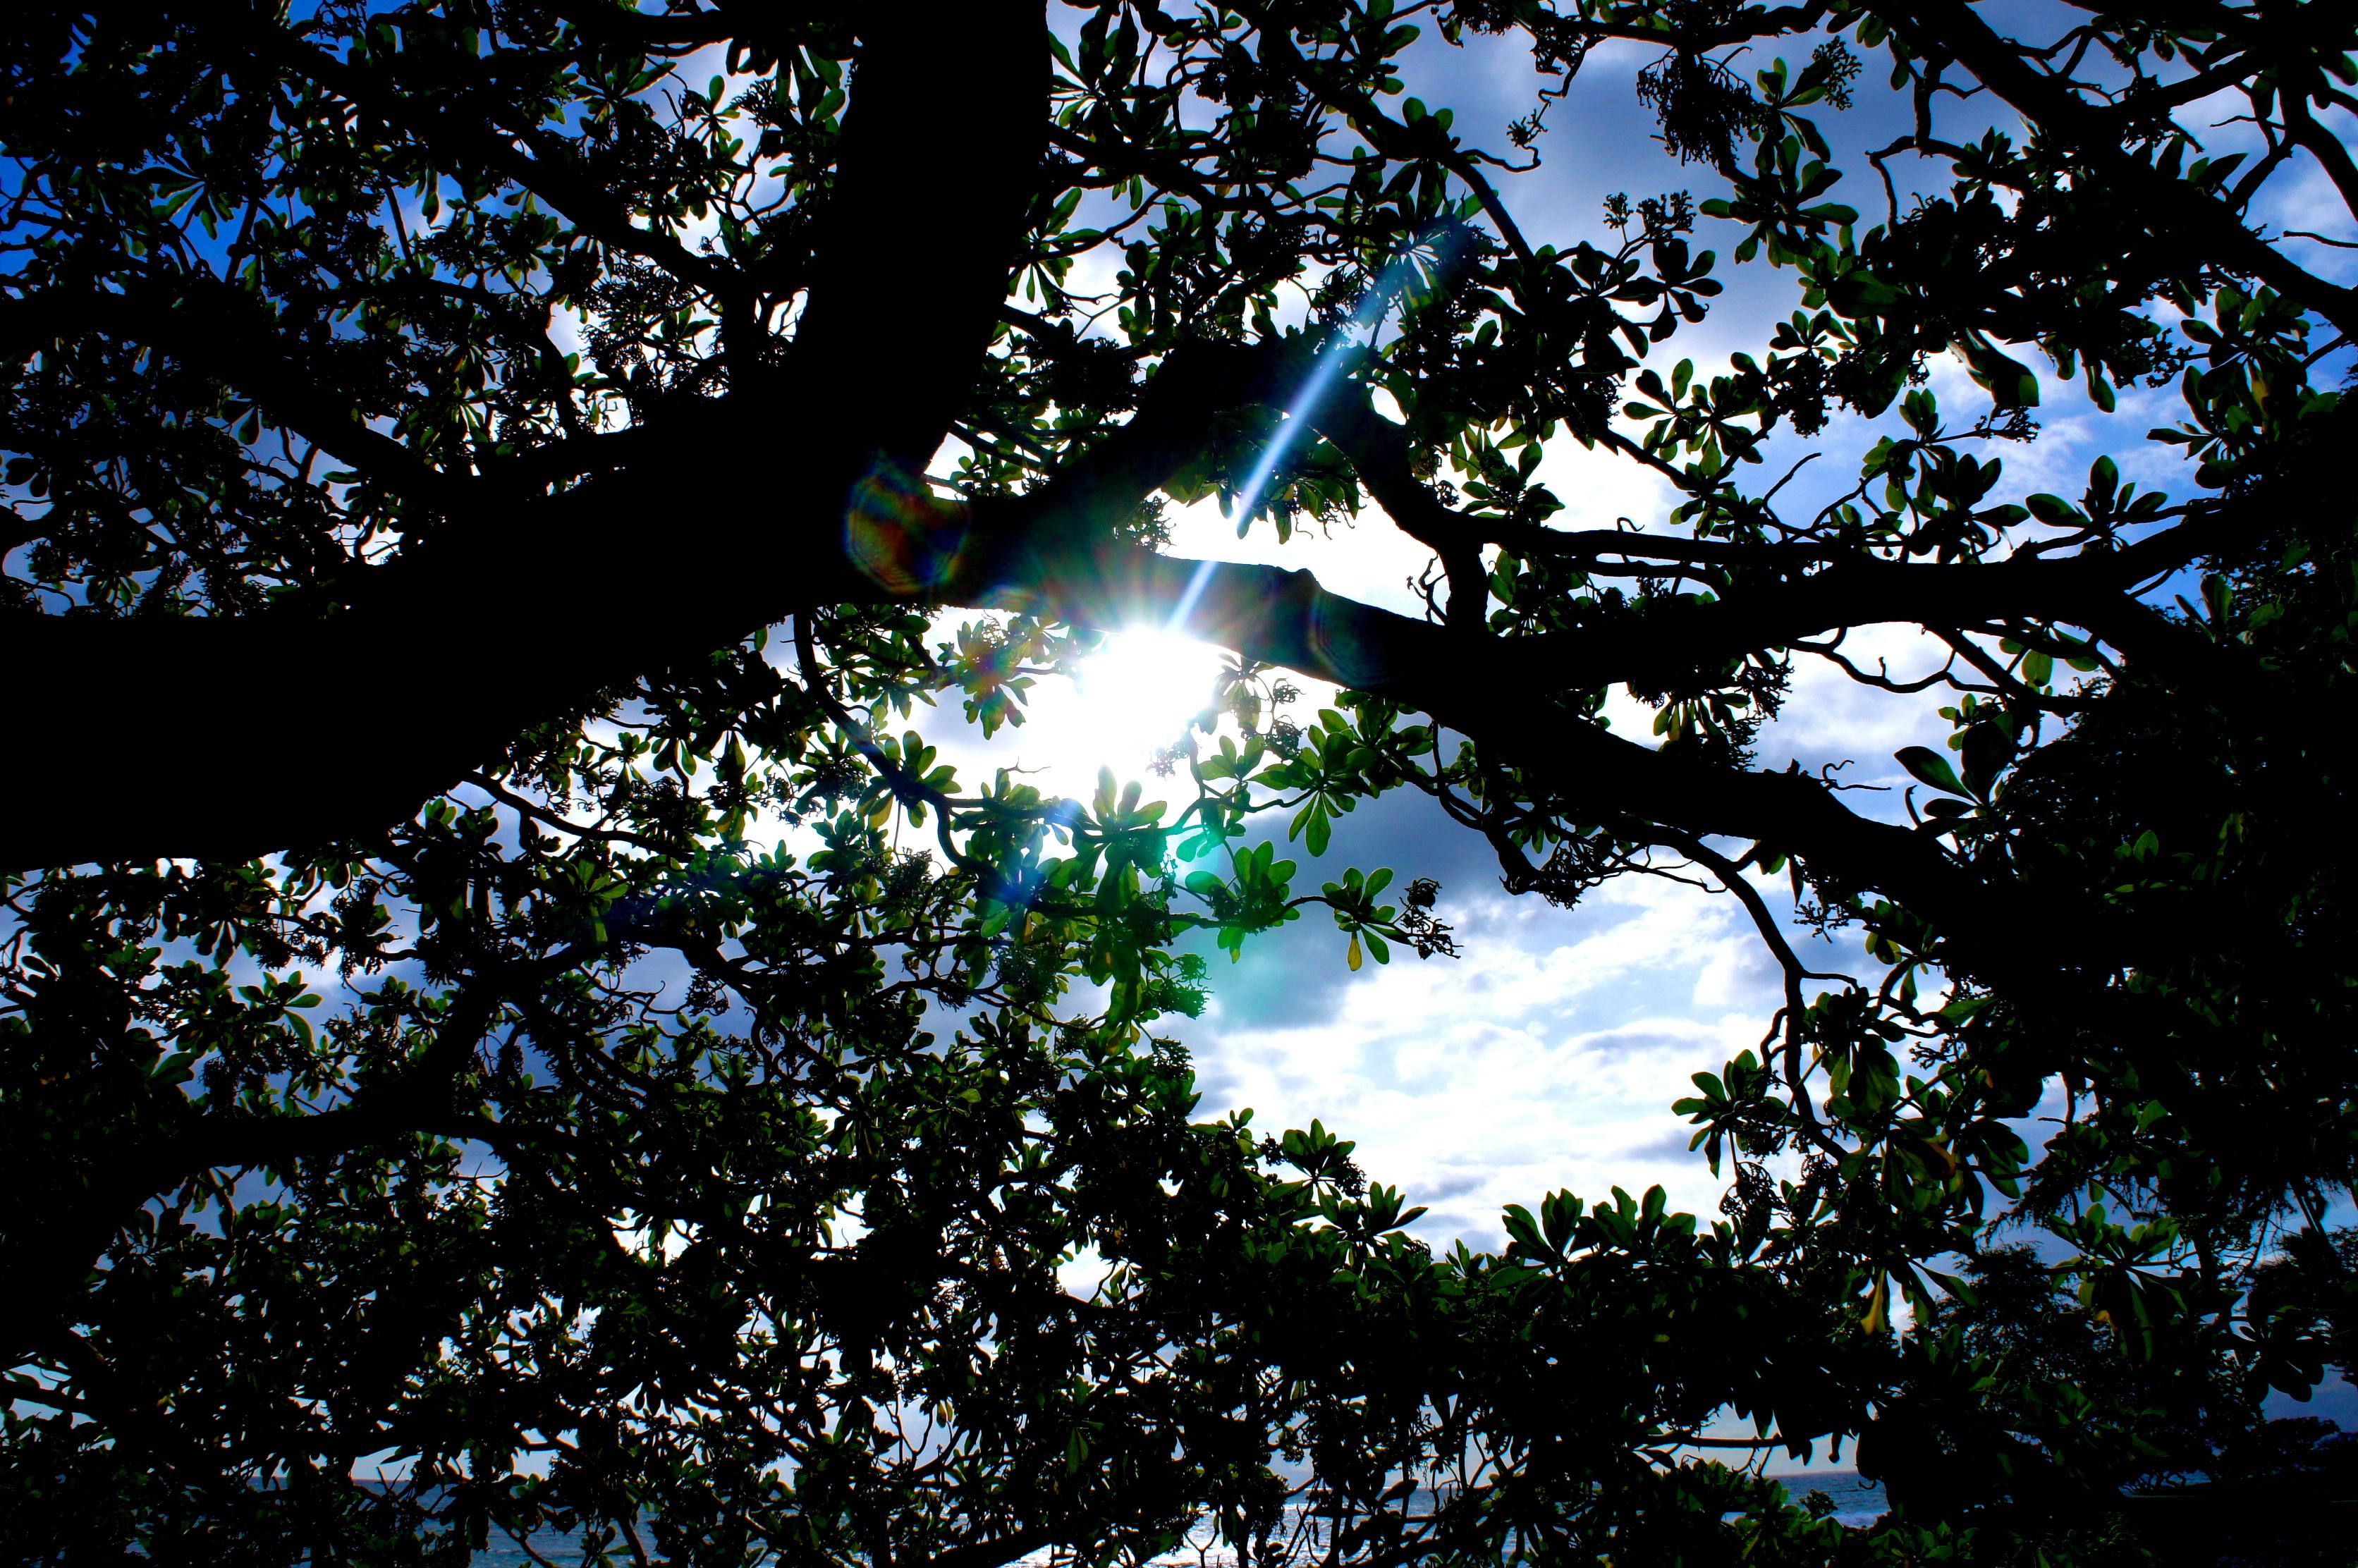 Hawaiian Sun Thought theTrees